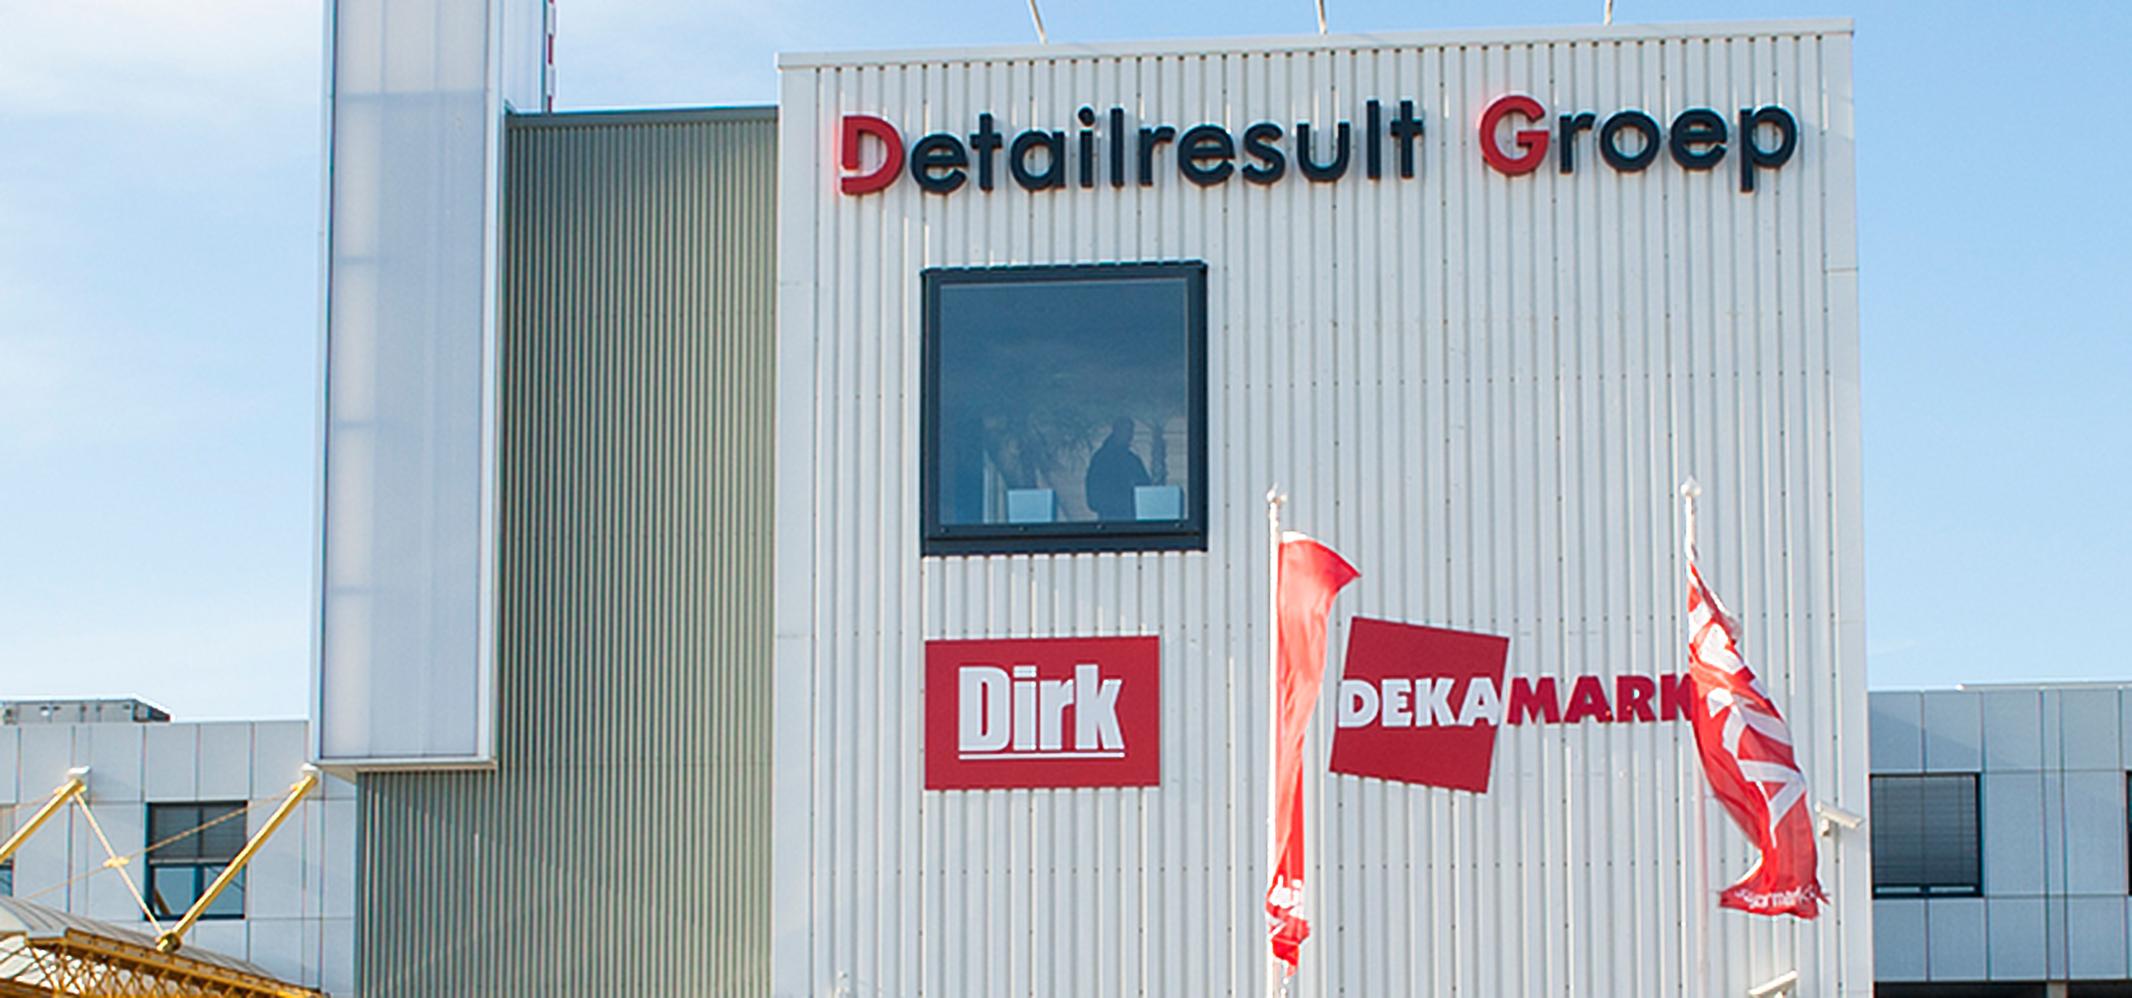 Detailresult Groep building.v1 - Salaris Dirk Van Den Broek 15 Jaar